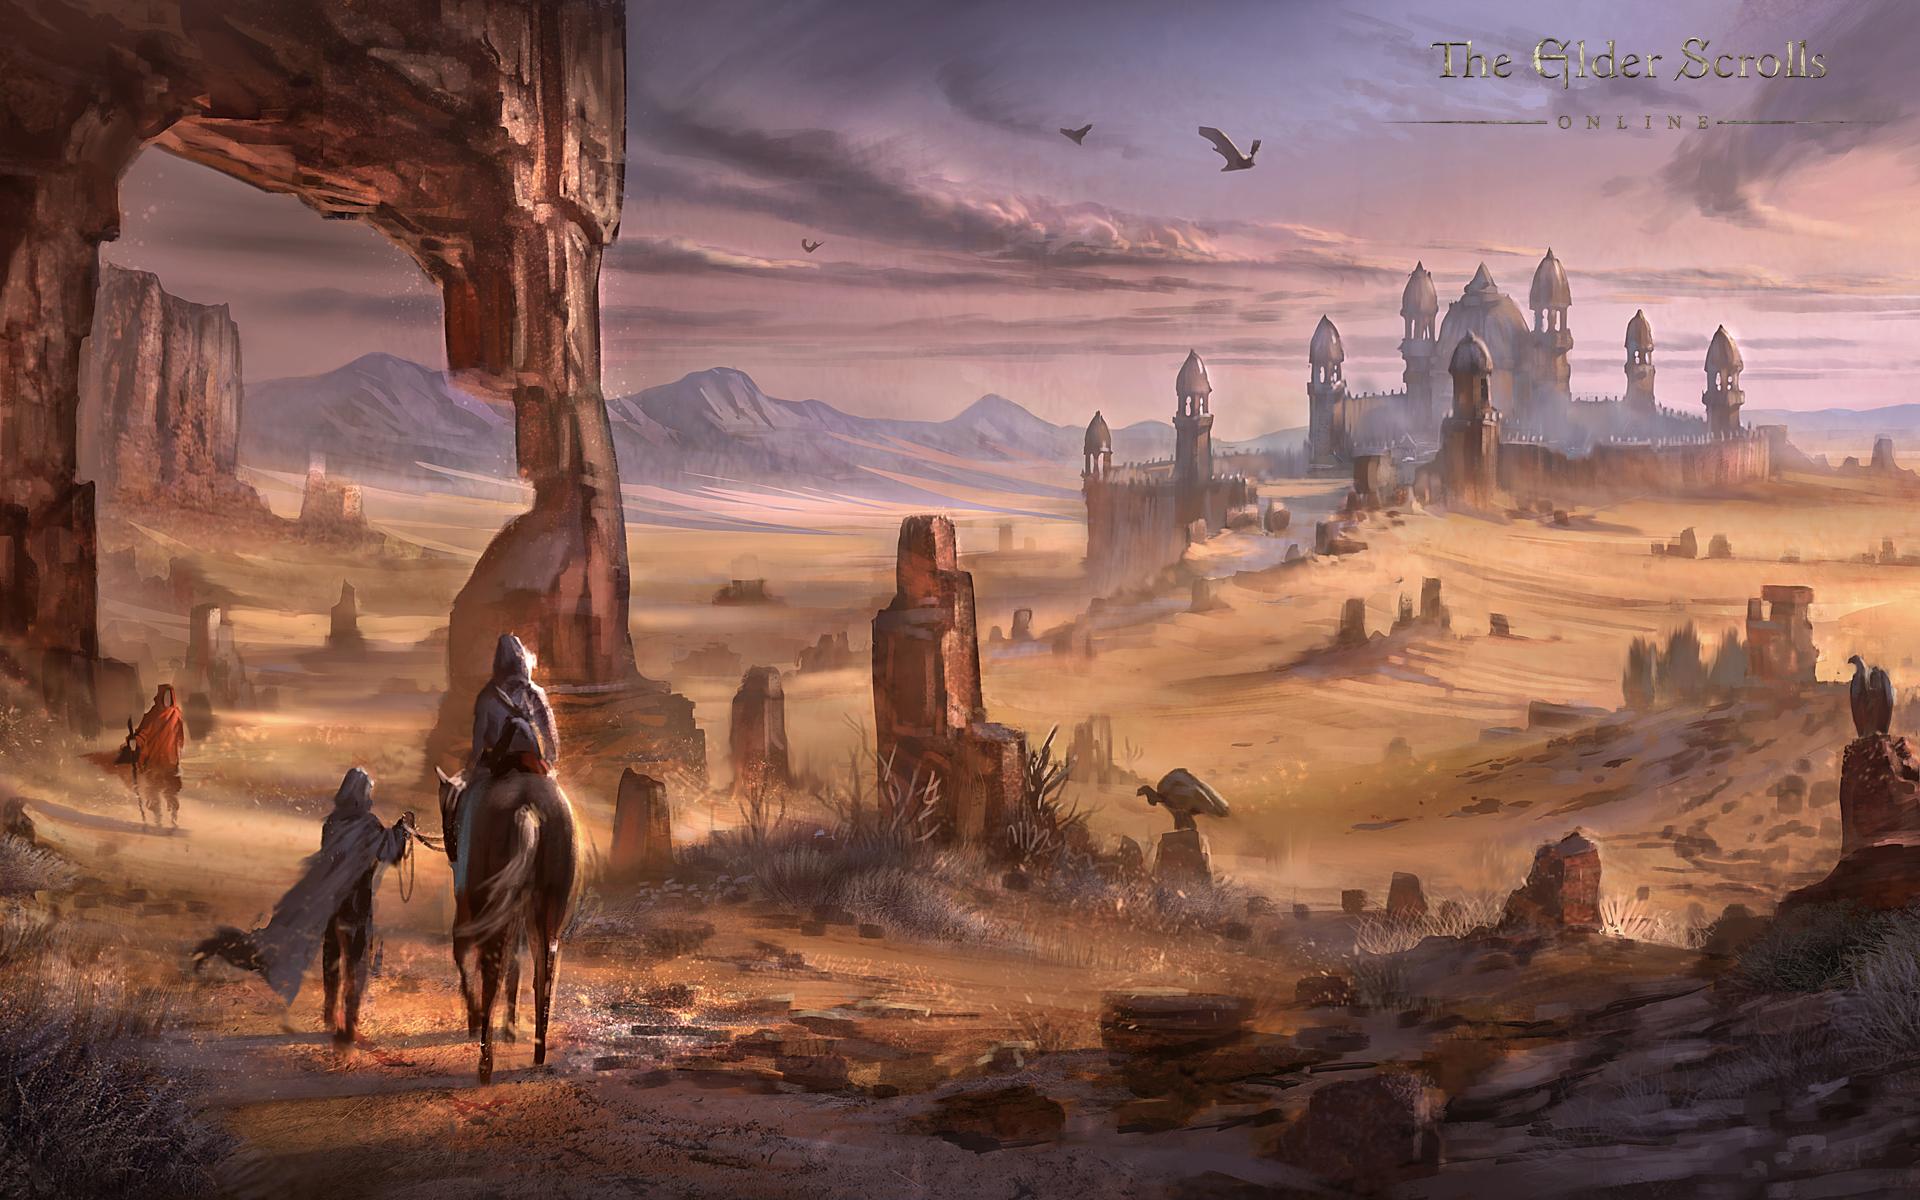 Обои Аликрская пустыня